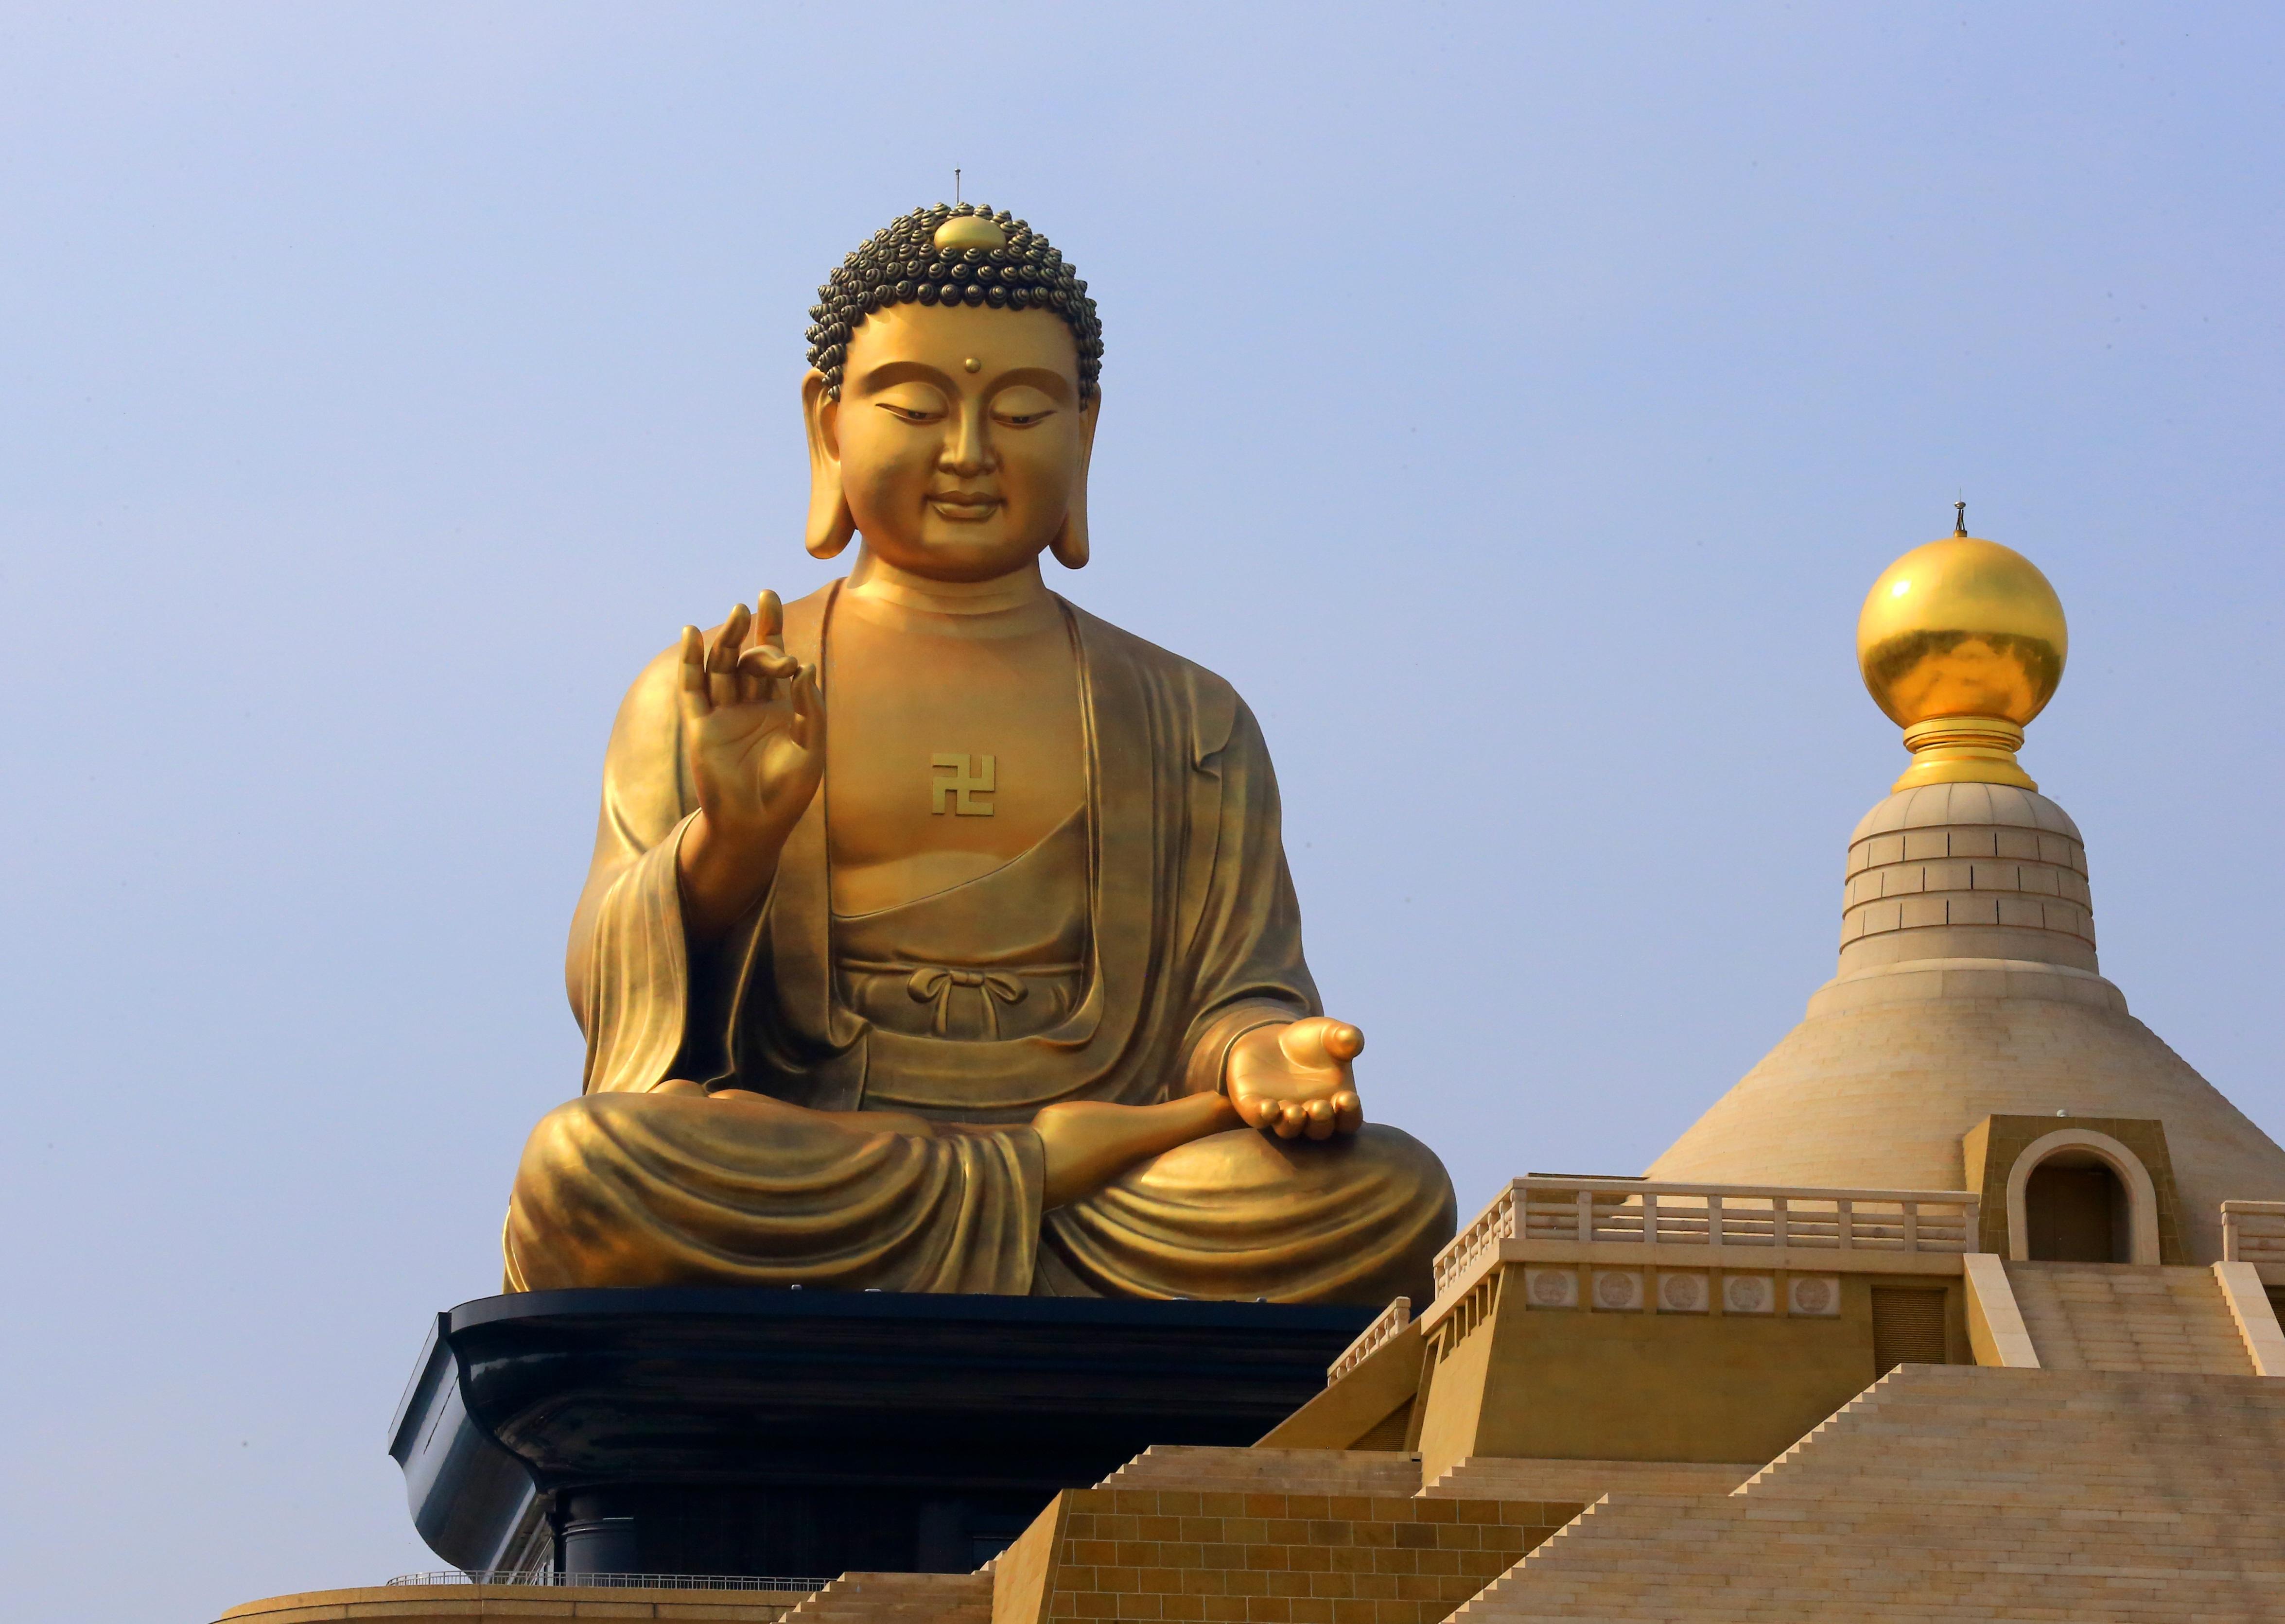 free images monument statue religion landmark sculpture